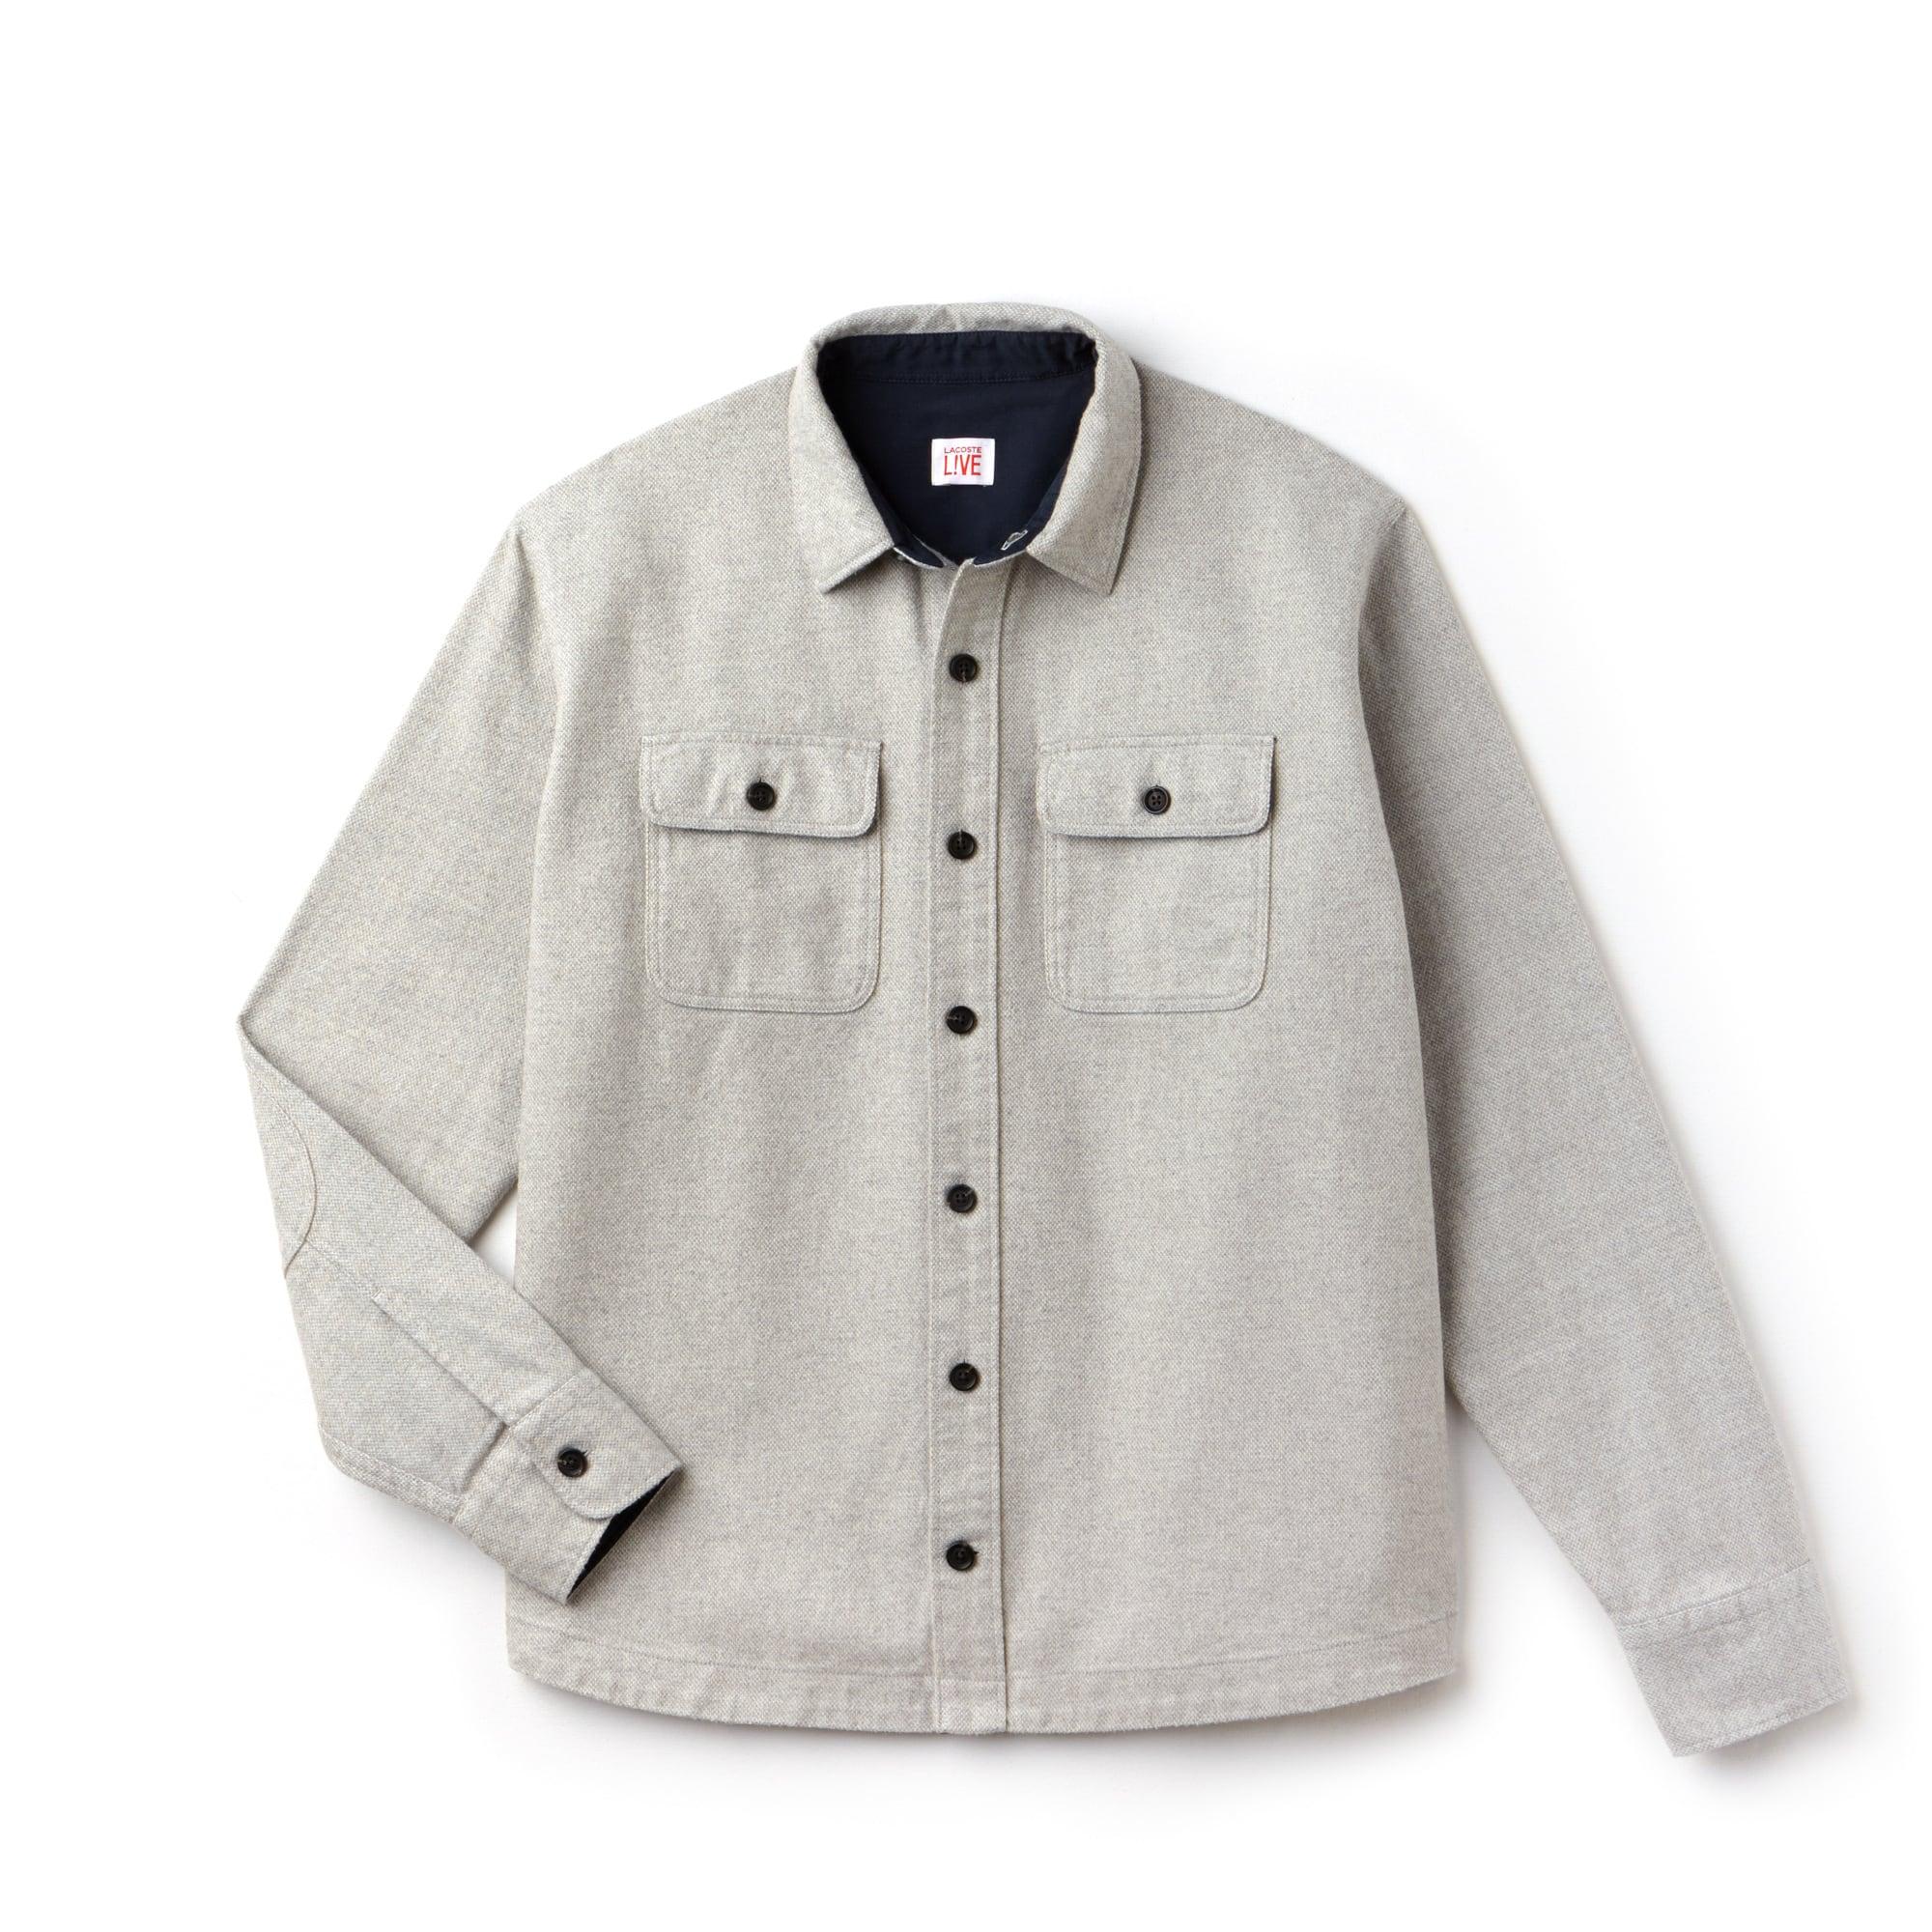 Camisa boxy fit Lacoste LIVE em flanela de algodão unicolor